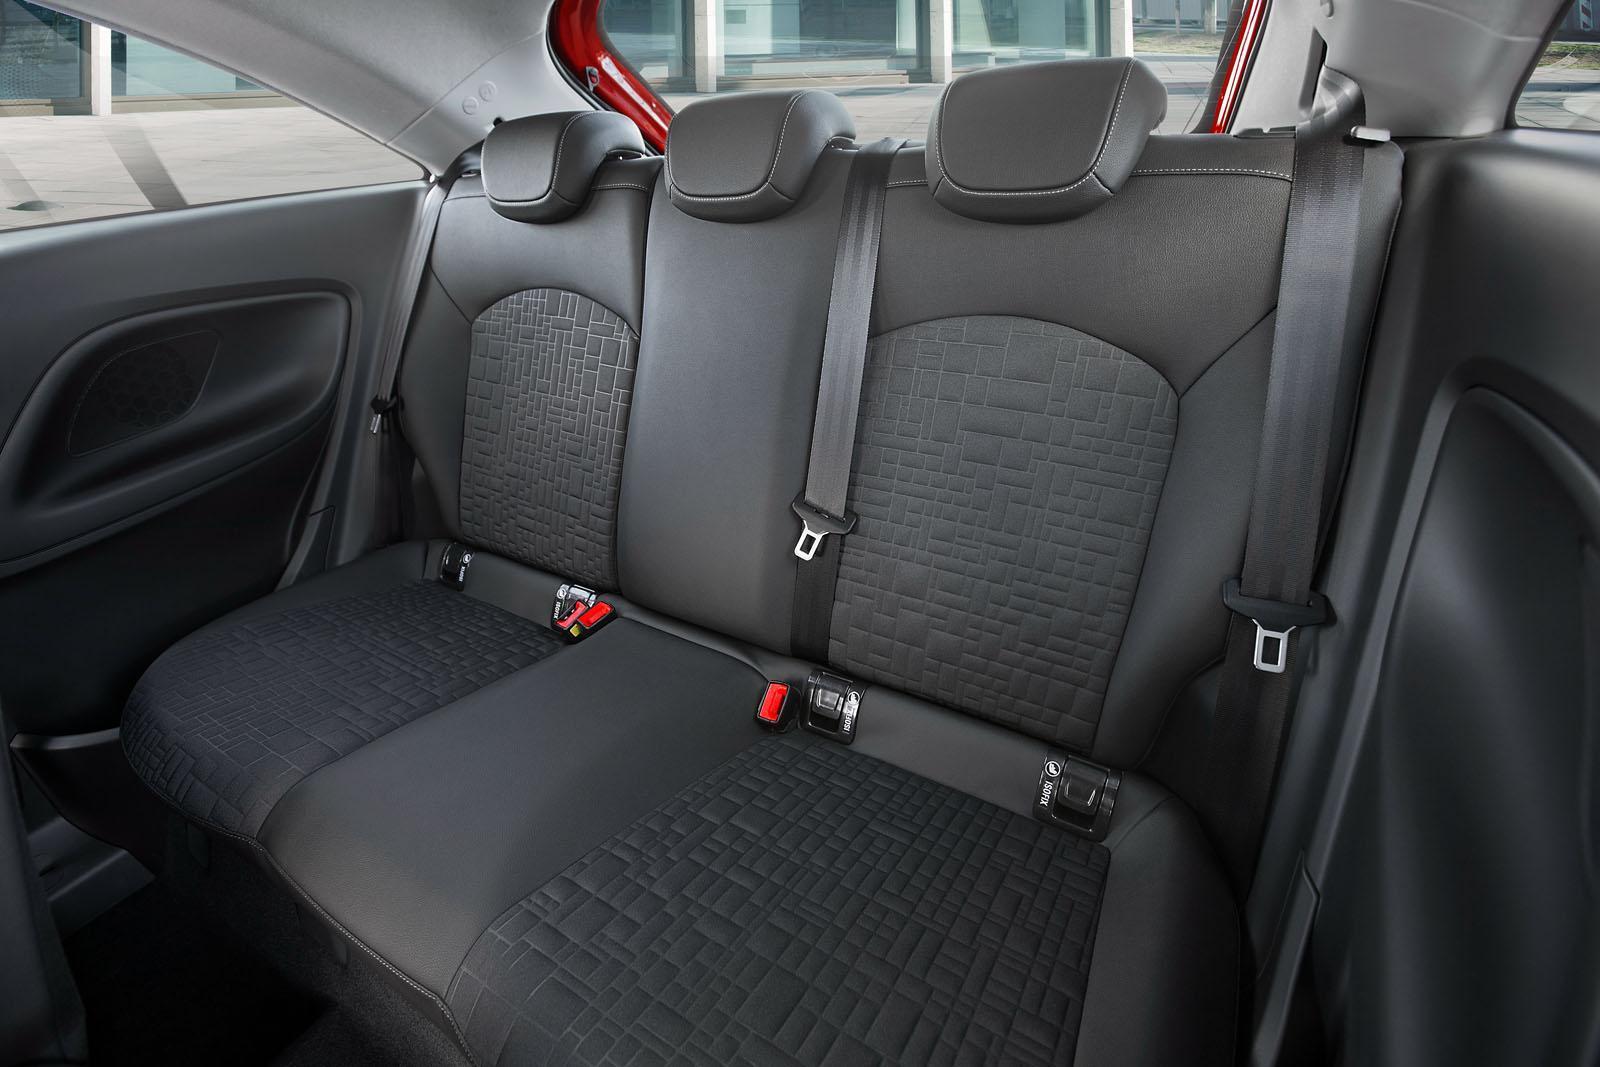 Opel corsa 1 4 turbo de 150 cv justo y necesario for Interiores 2016